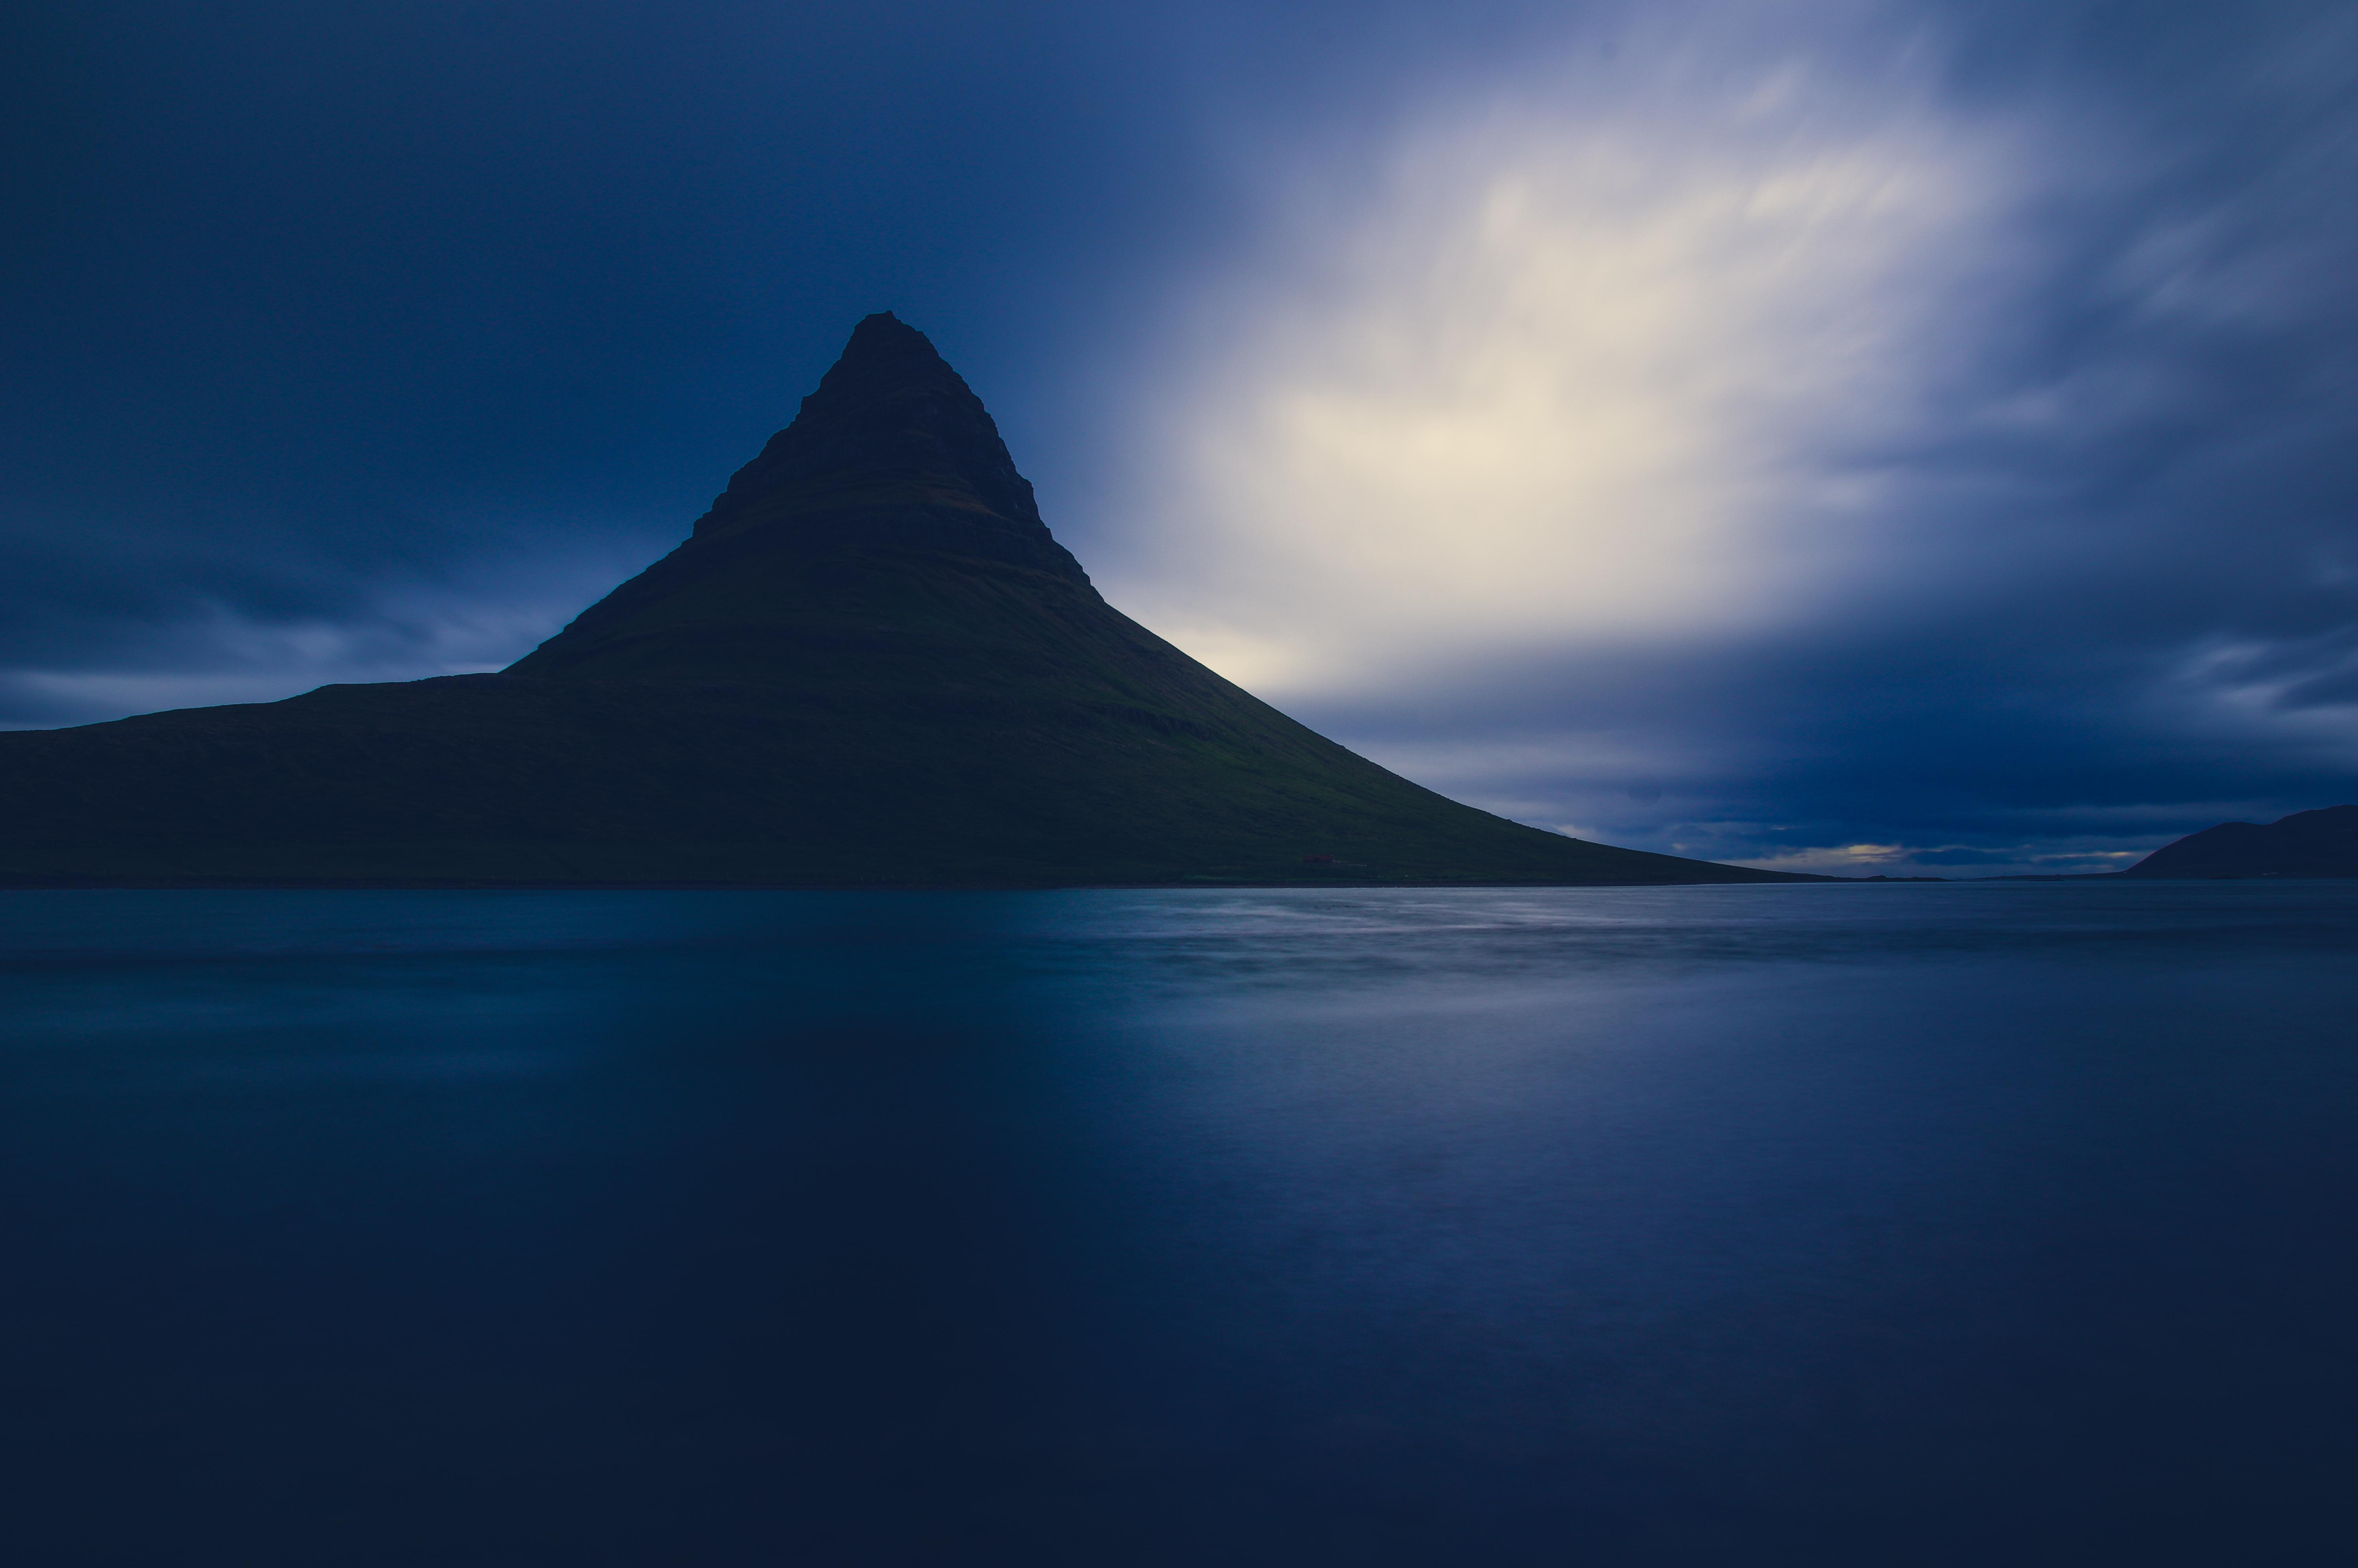 iceland mountain 4k 1615197744 - Iceland Mountain 4k - Iceland Mountain 4k wallpapers